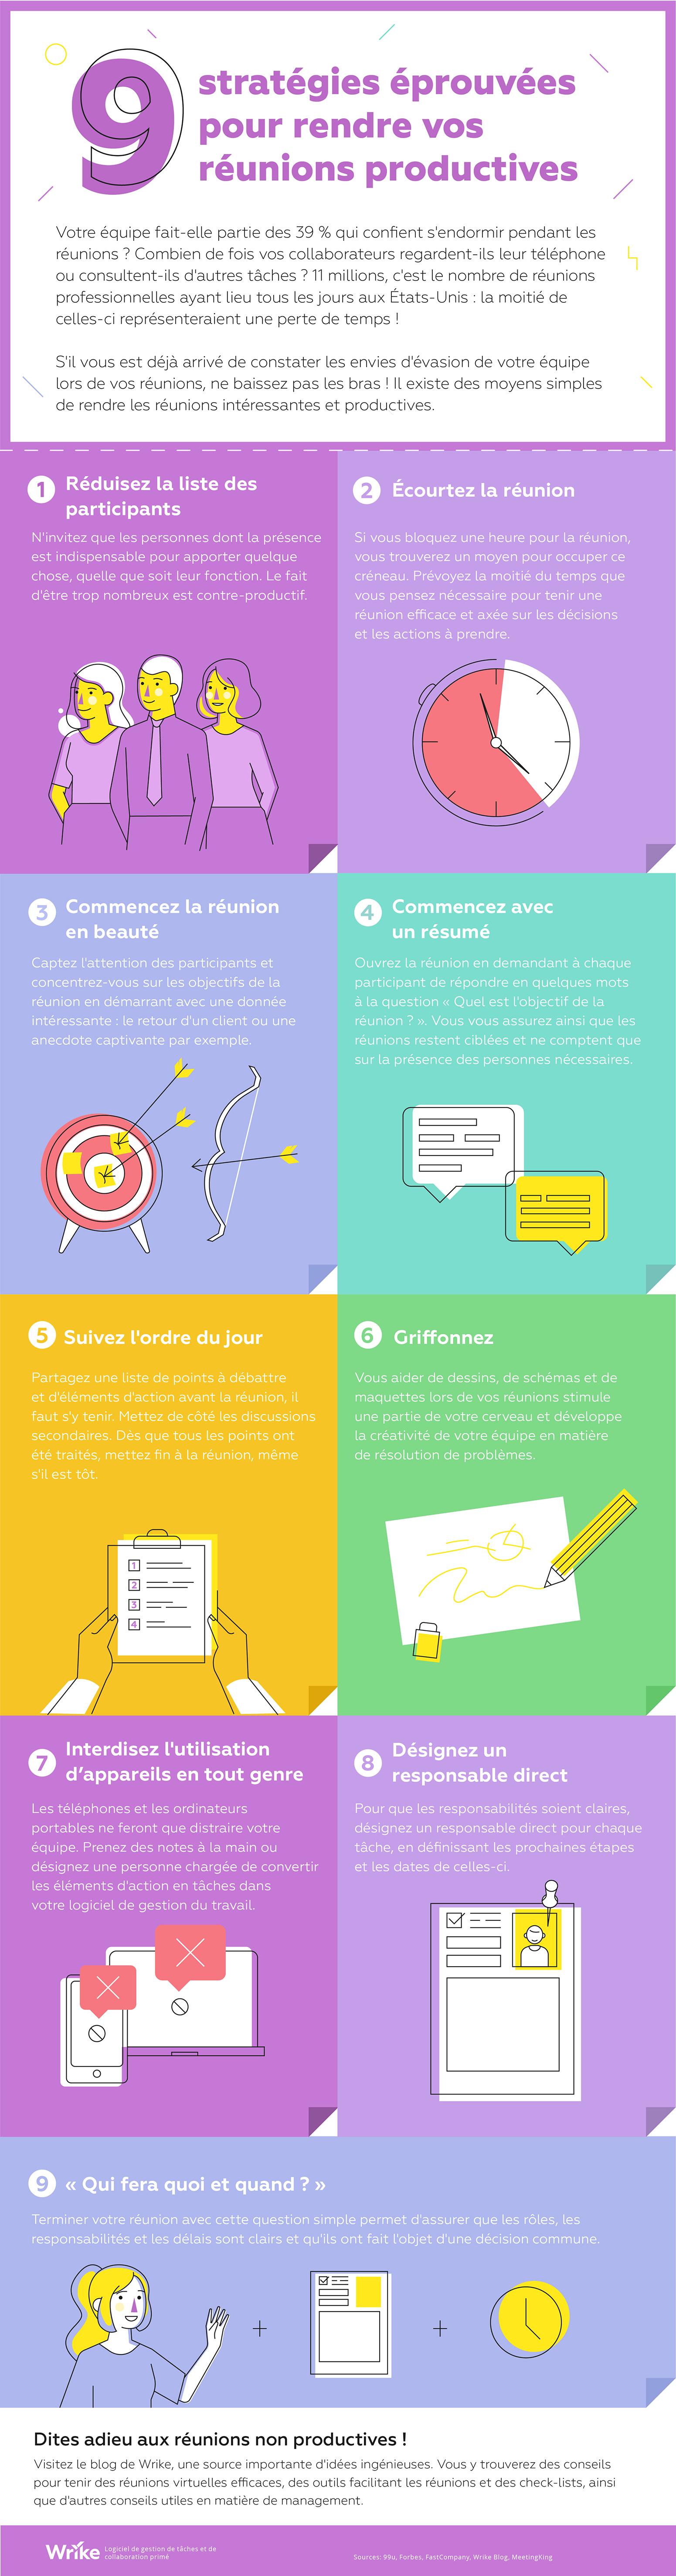 9 stratégies éprouvées pour rendre vos réunions productives (infographie)